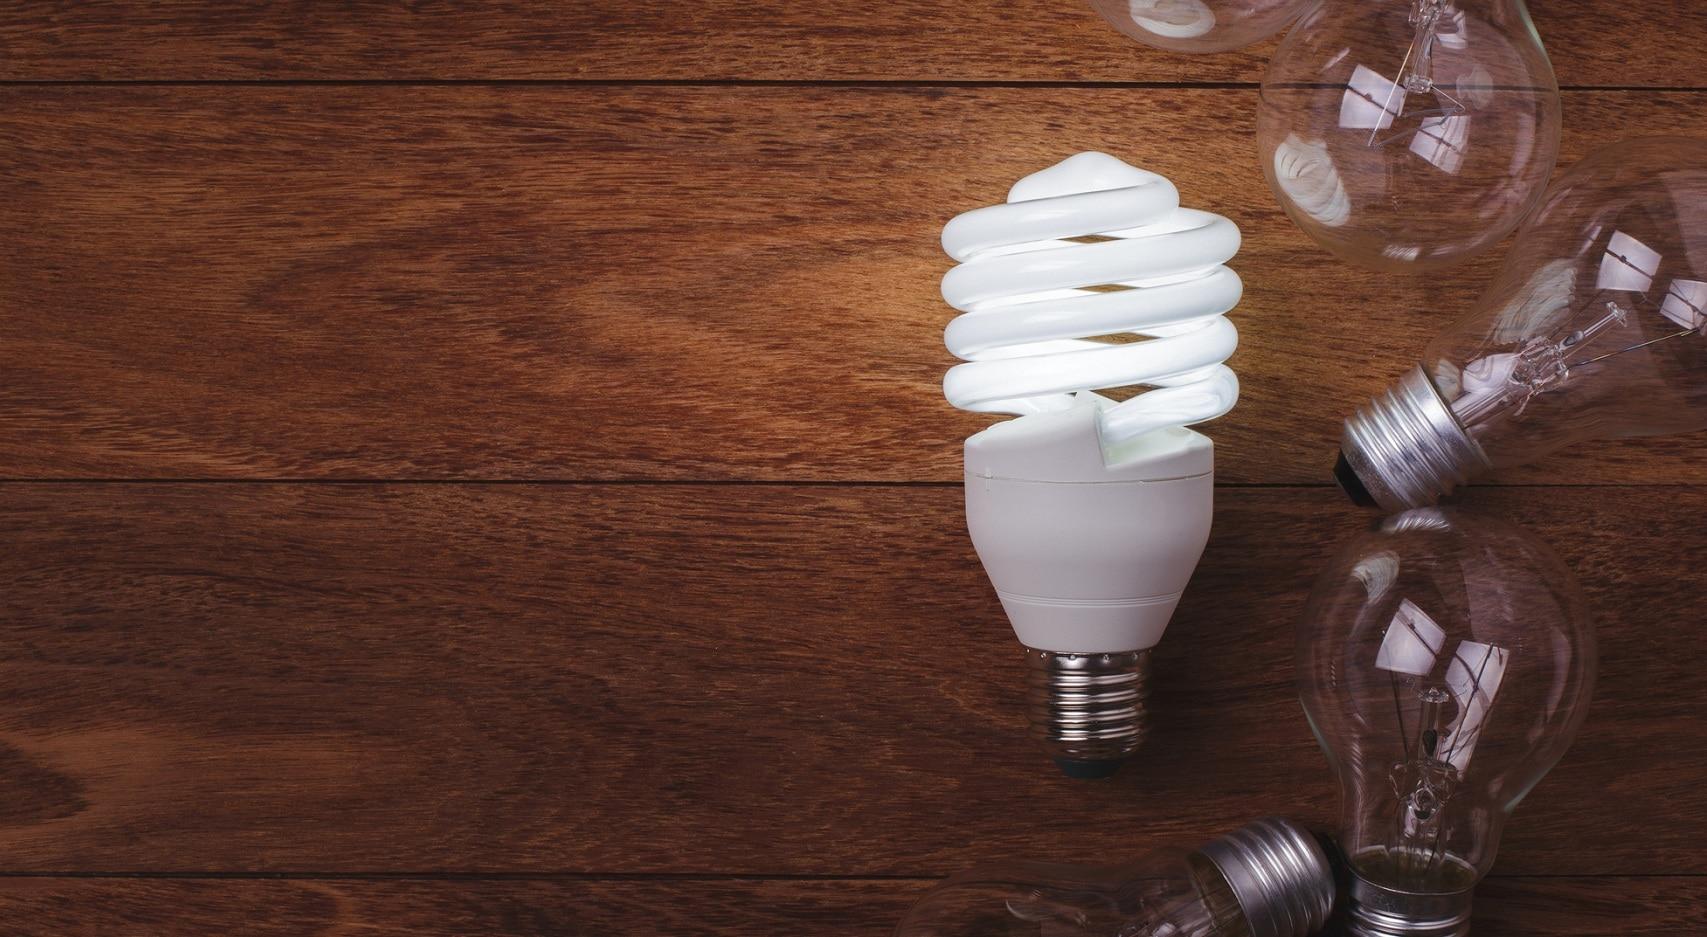 luz-consumo-vivienda-bombilla-bbva